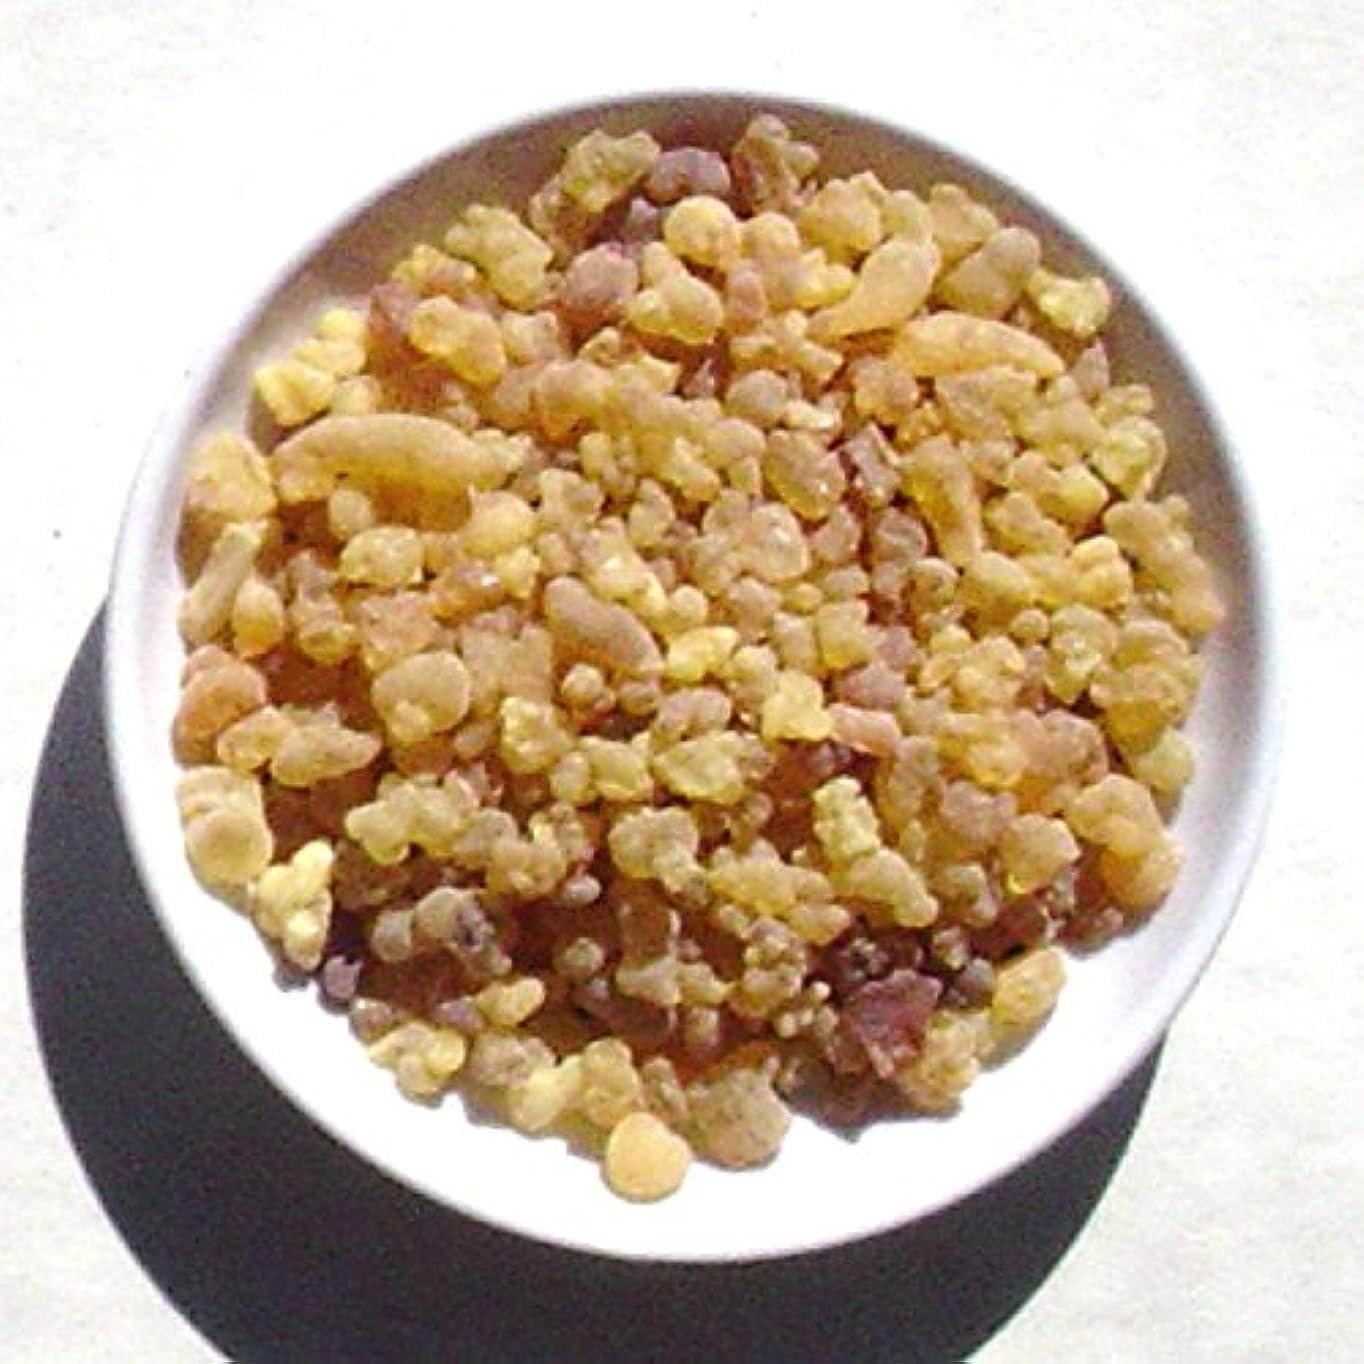 出発興奮する希少性Arabian Frankincense – 1ポンド – Traditional Incense (樹脂)バルク